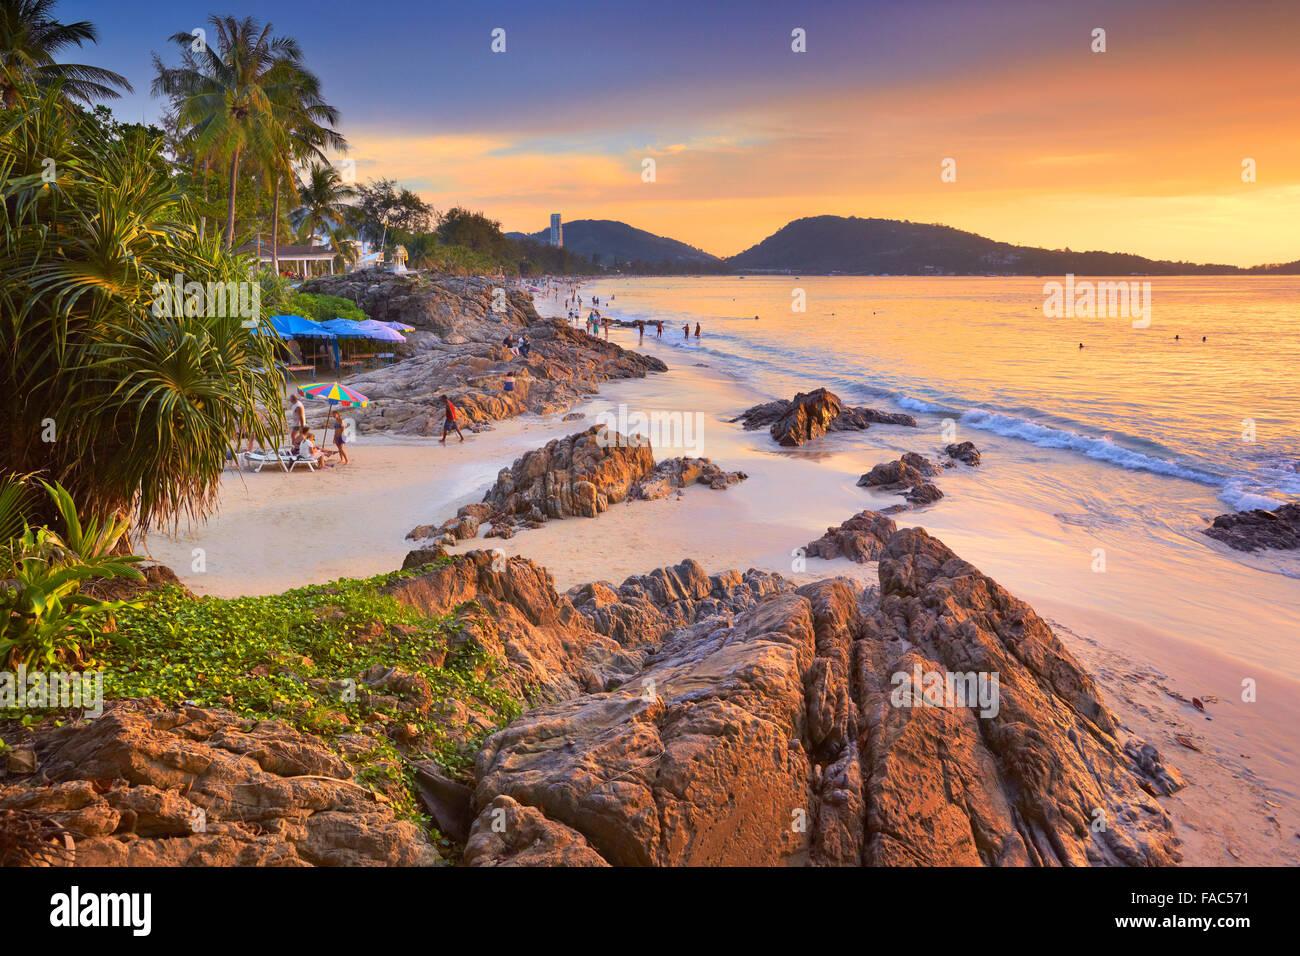 Thailand - tropische Insel Phuket, Patong Beach, Sonnenuntergang Landschaft Stockbild